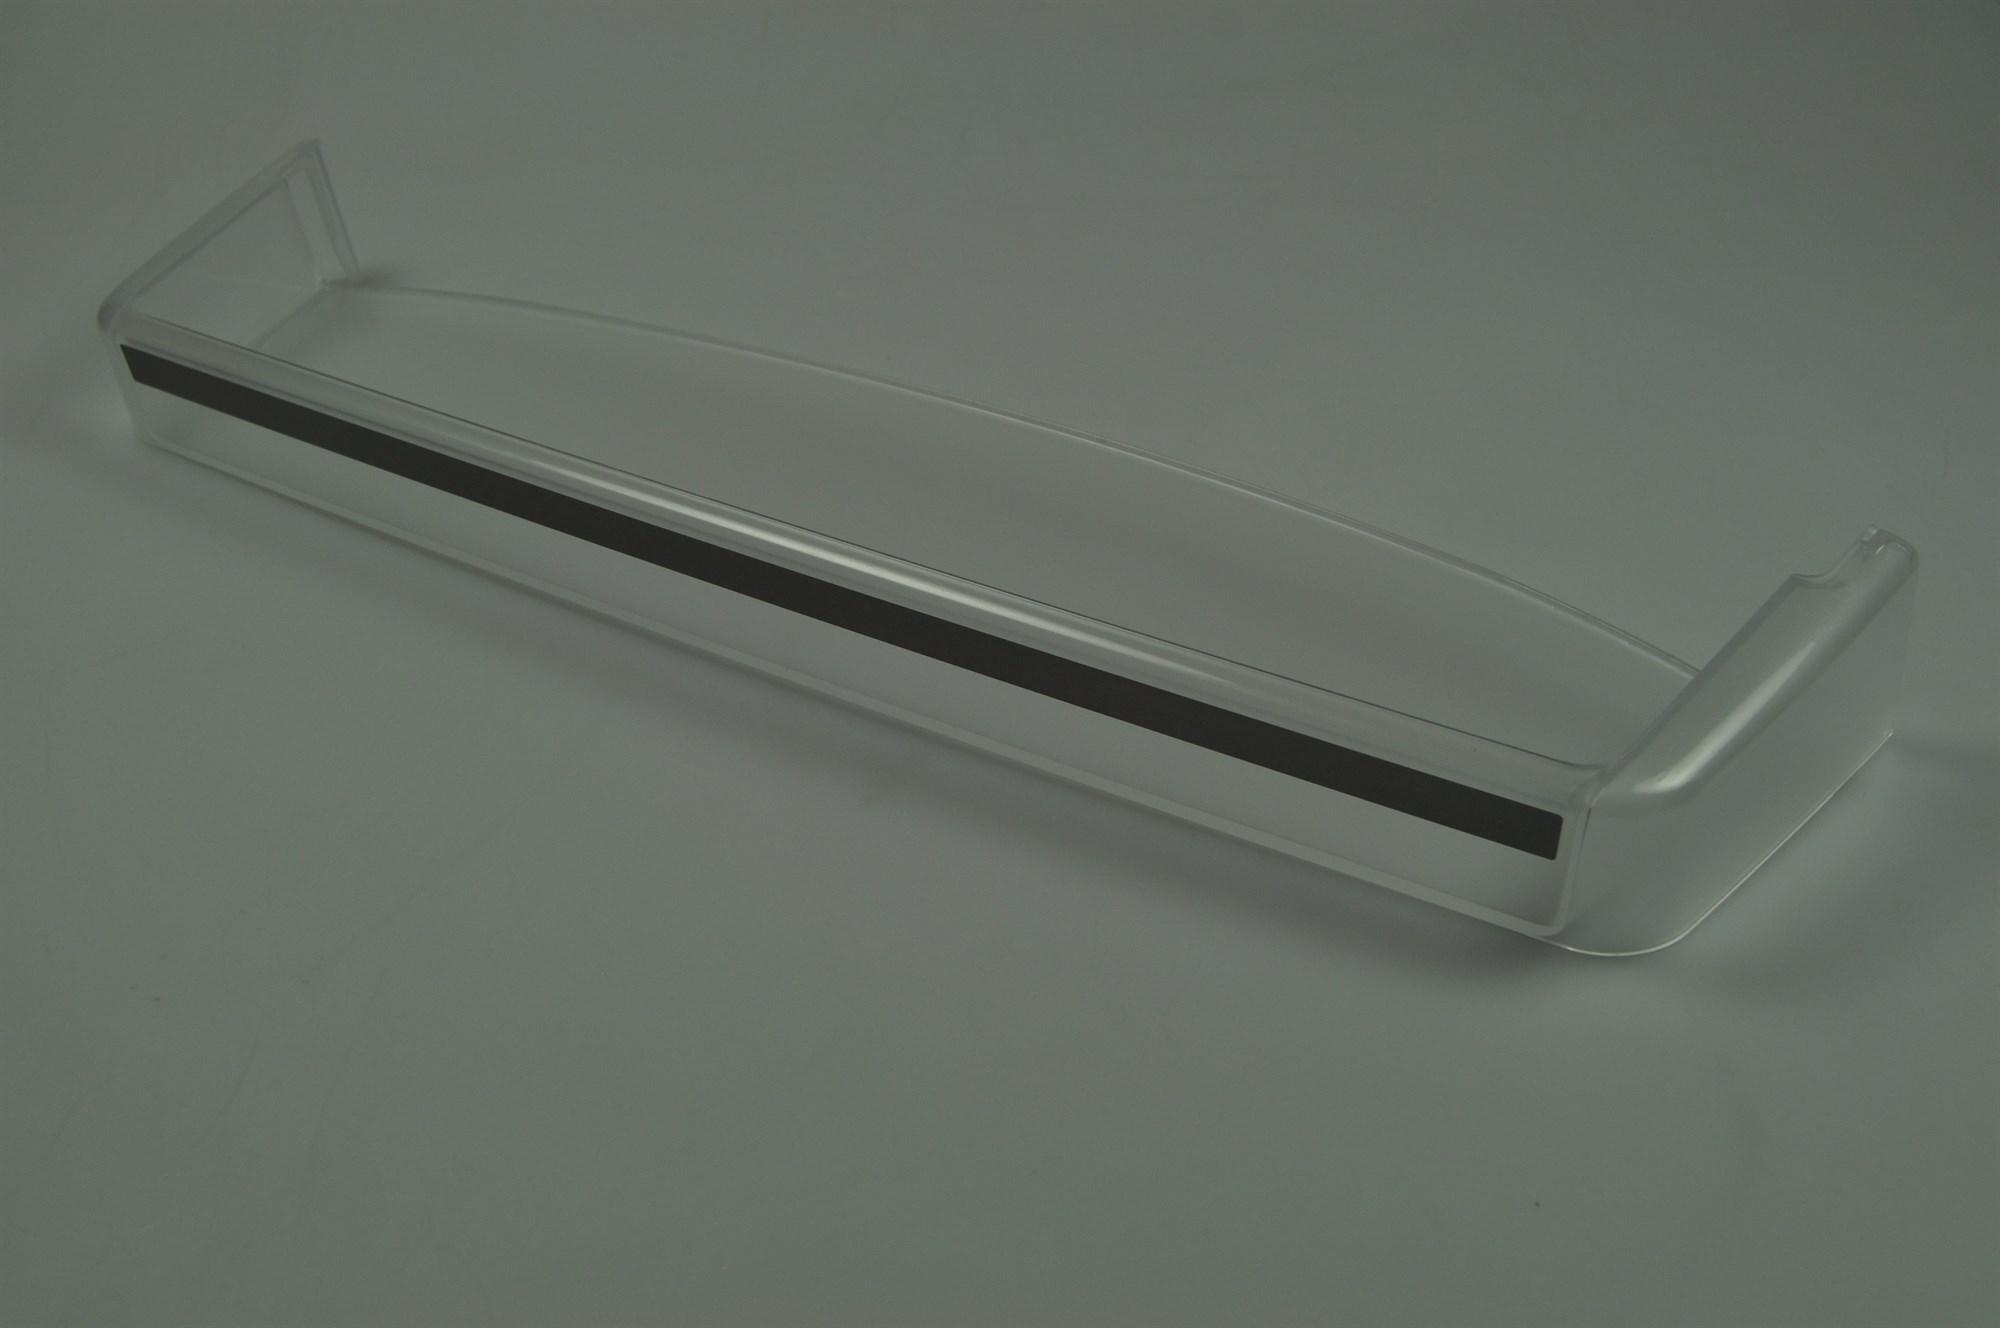 Siemens Kühlschrank Dichtung : Türfach siemens kühl & gefrierschrank oben